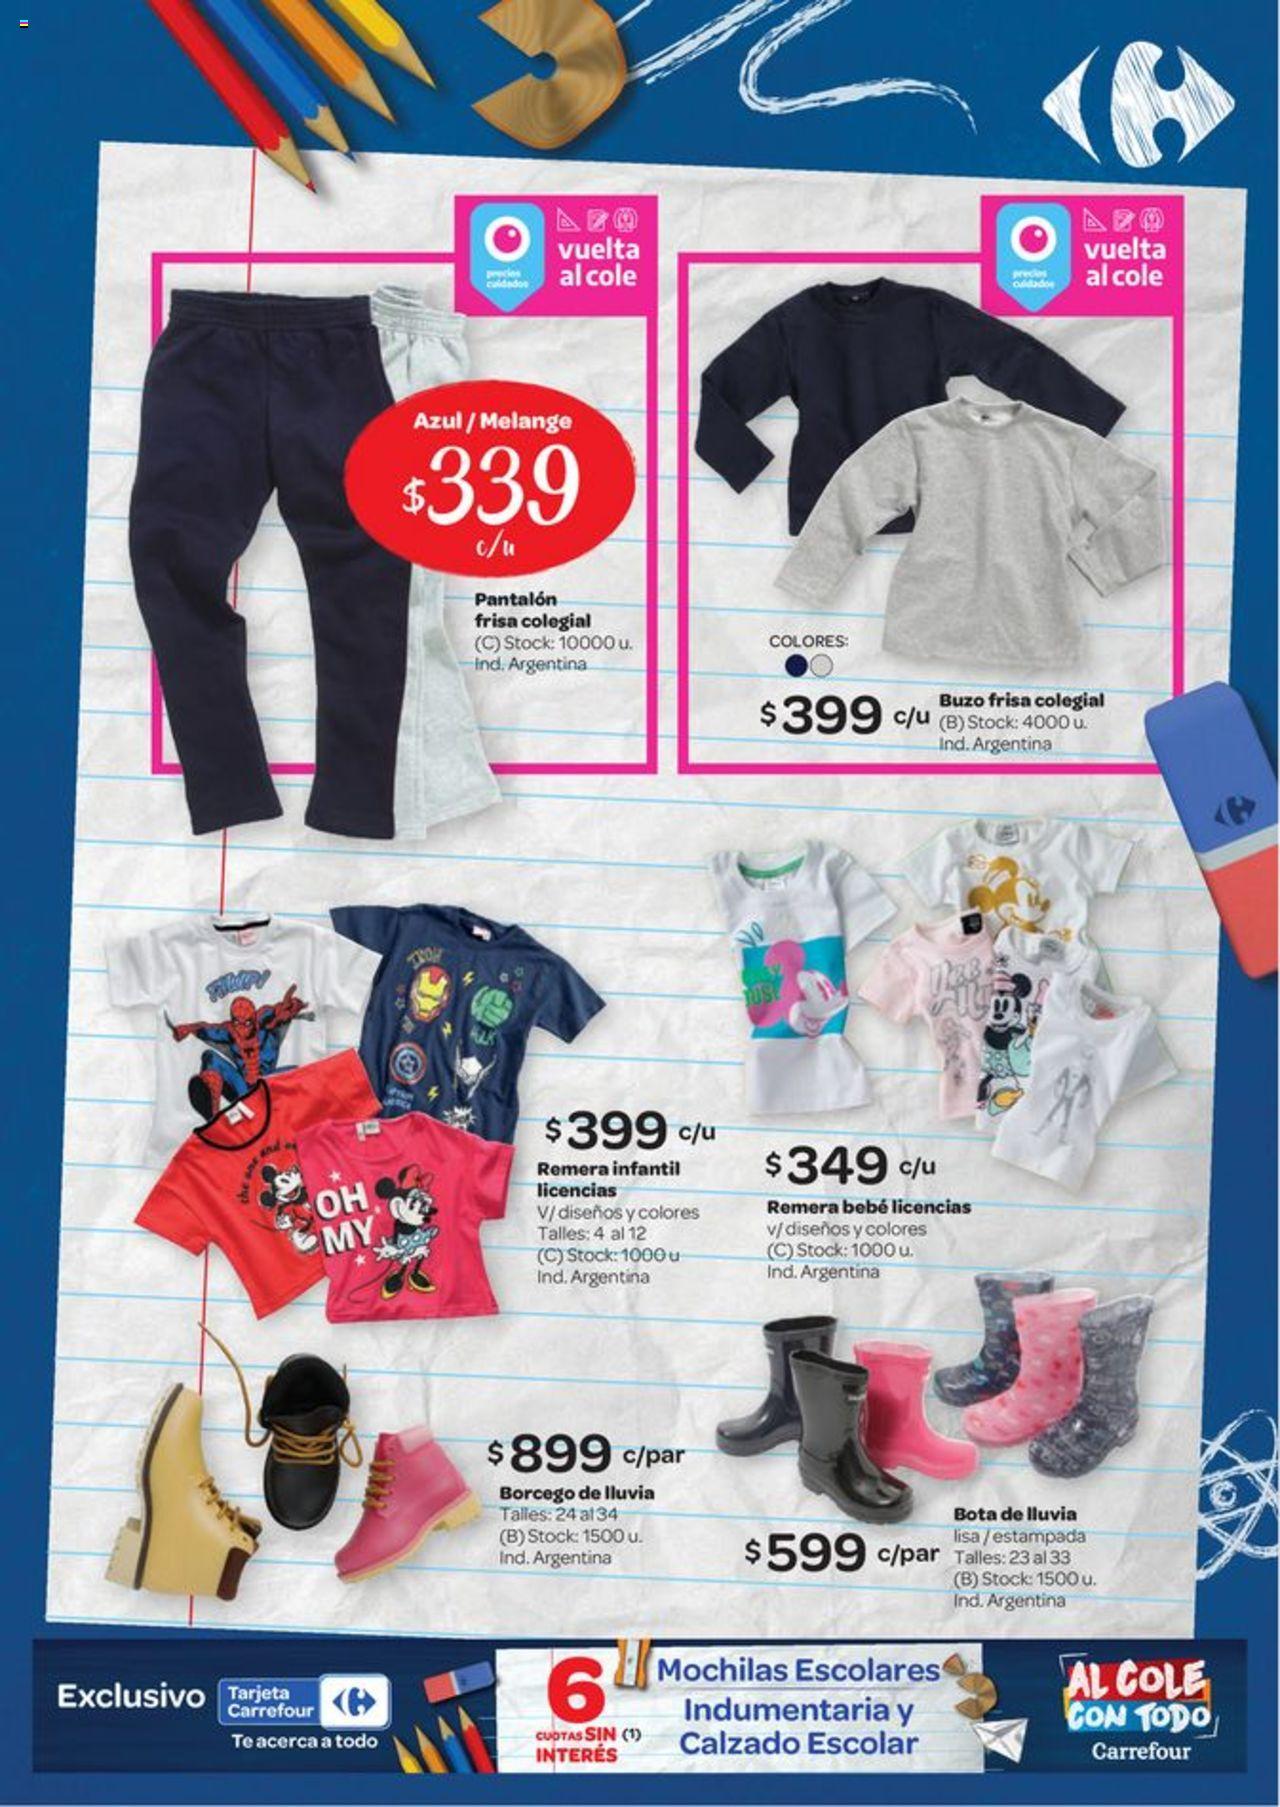 Carrefour Oferta válido desde el 13/02/2020 número de página 1 | Página: 21